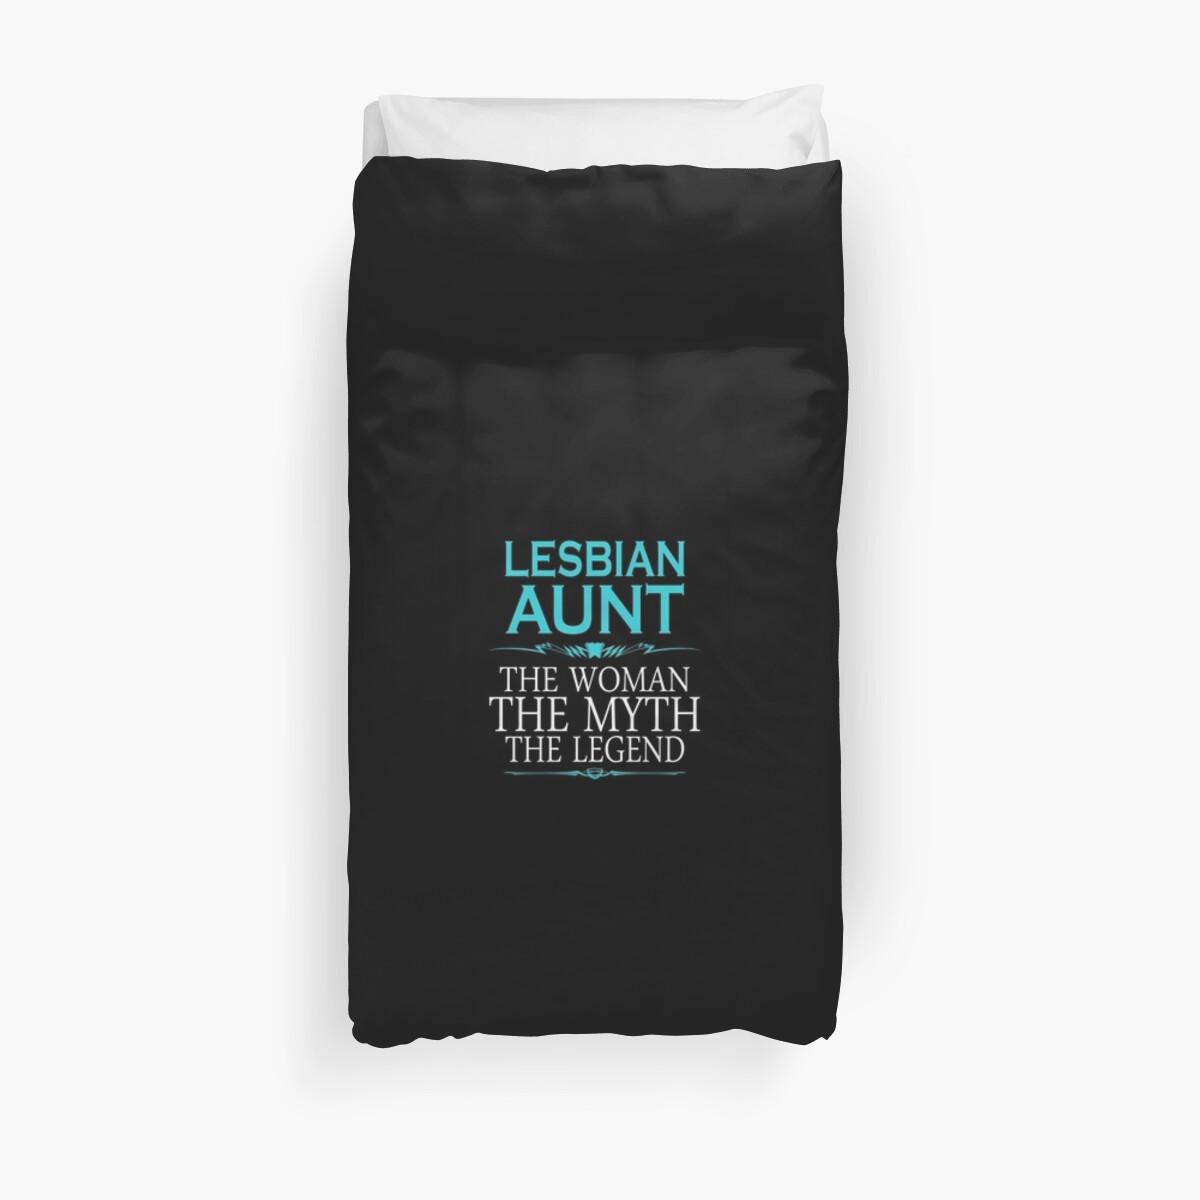 Funny Lesbian - Lesbian Aunt Tshirts Lesbian Gag Gifts by wilsonlouise